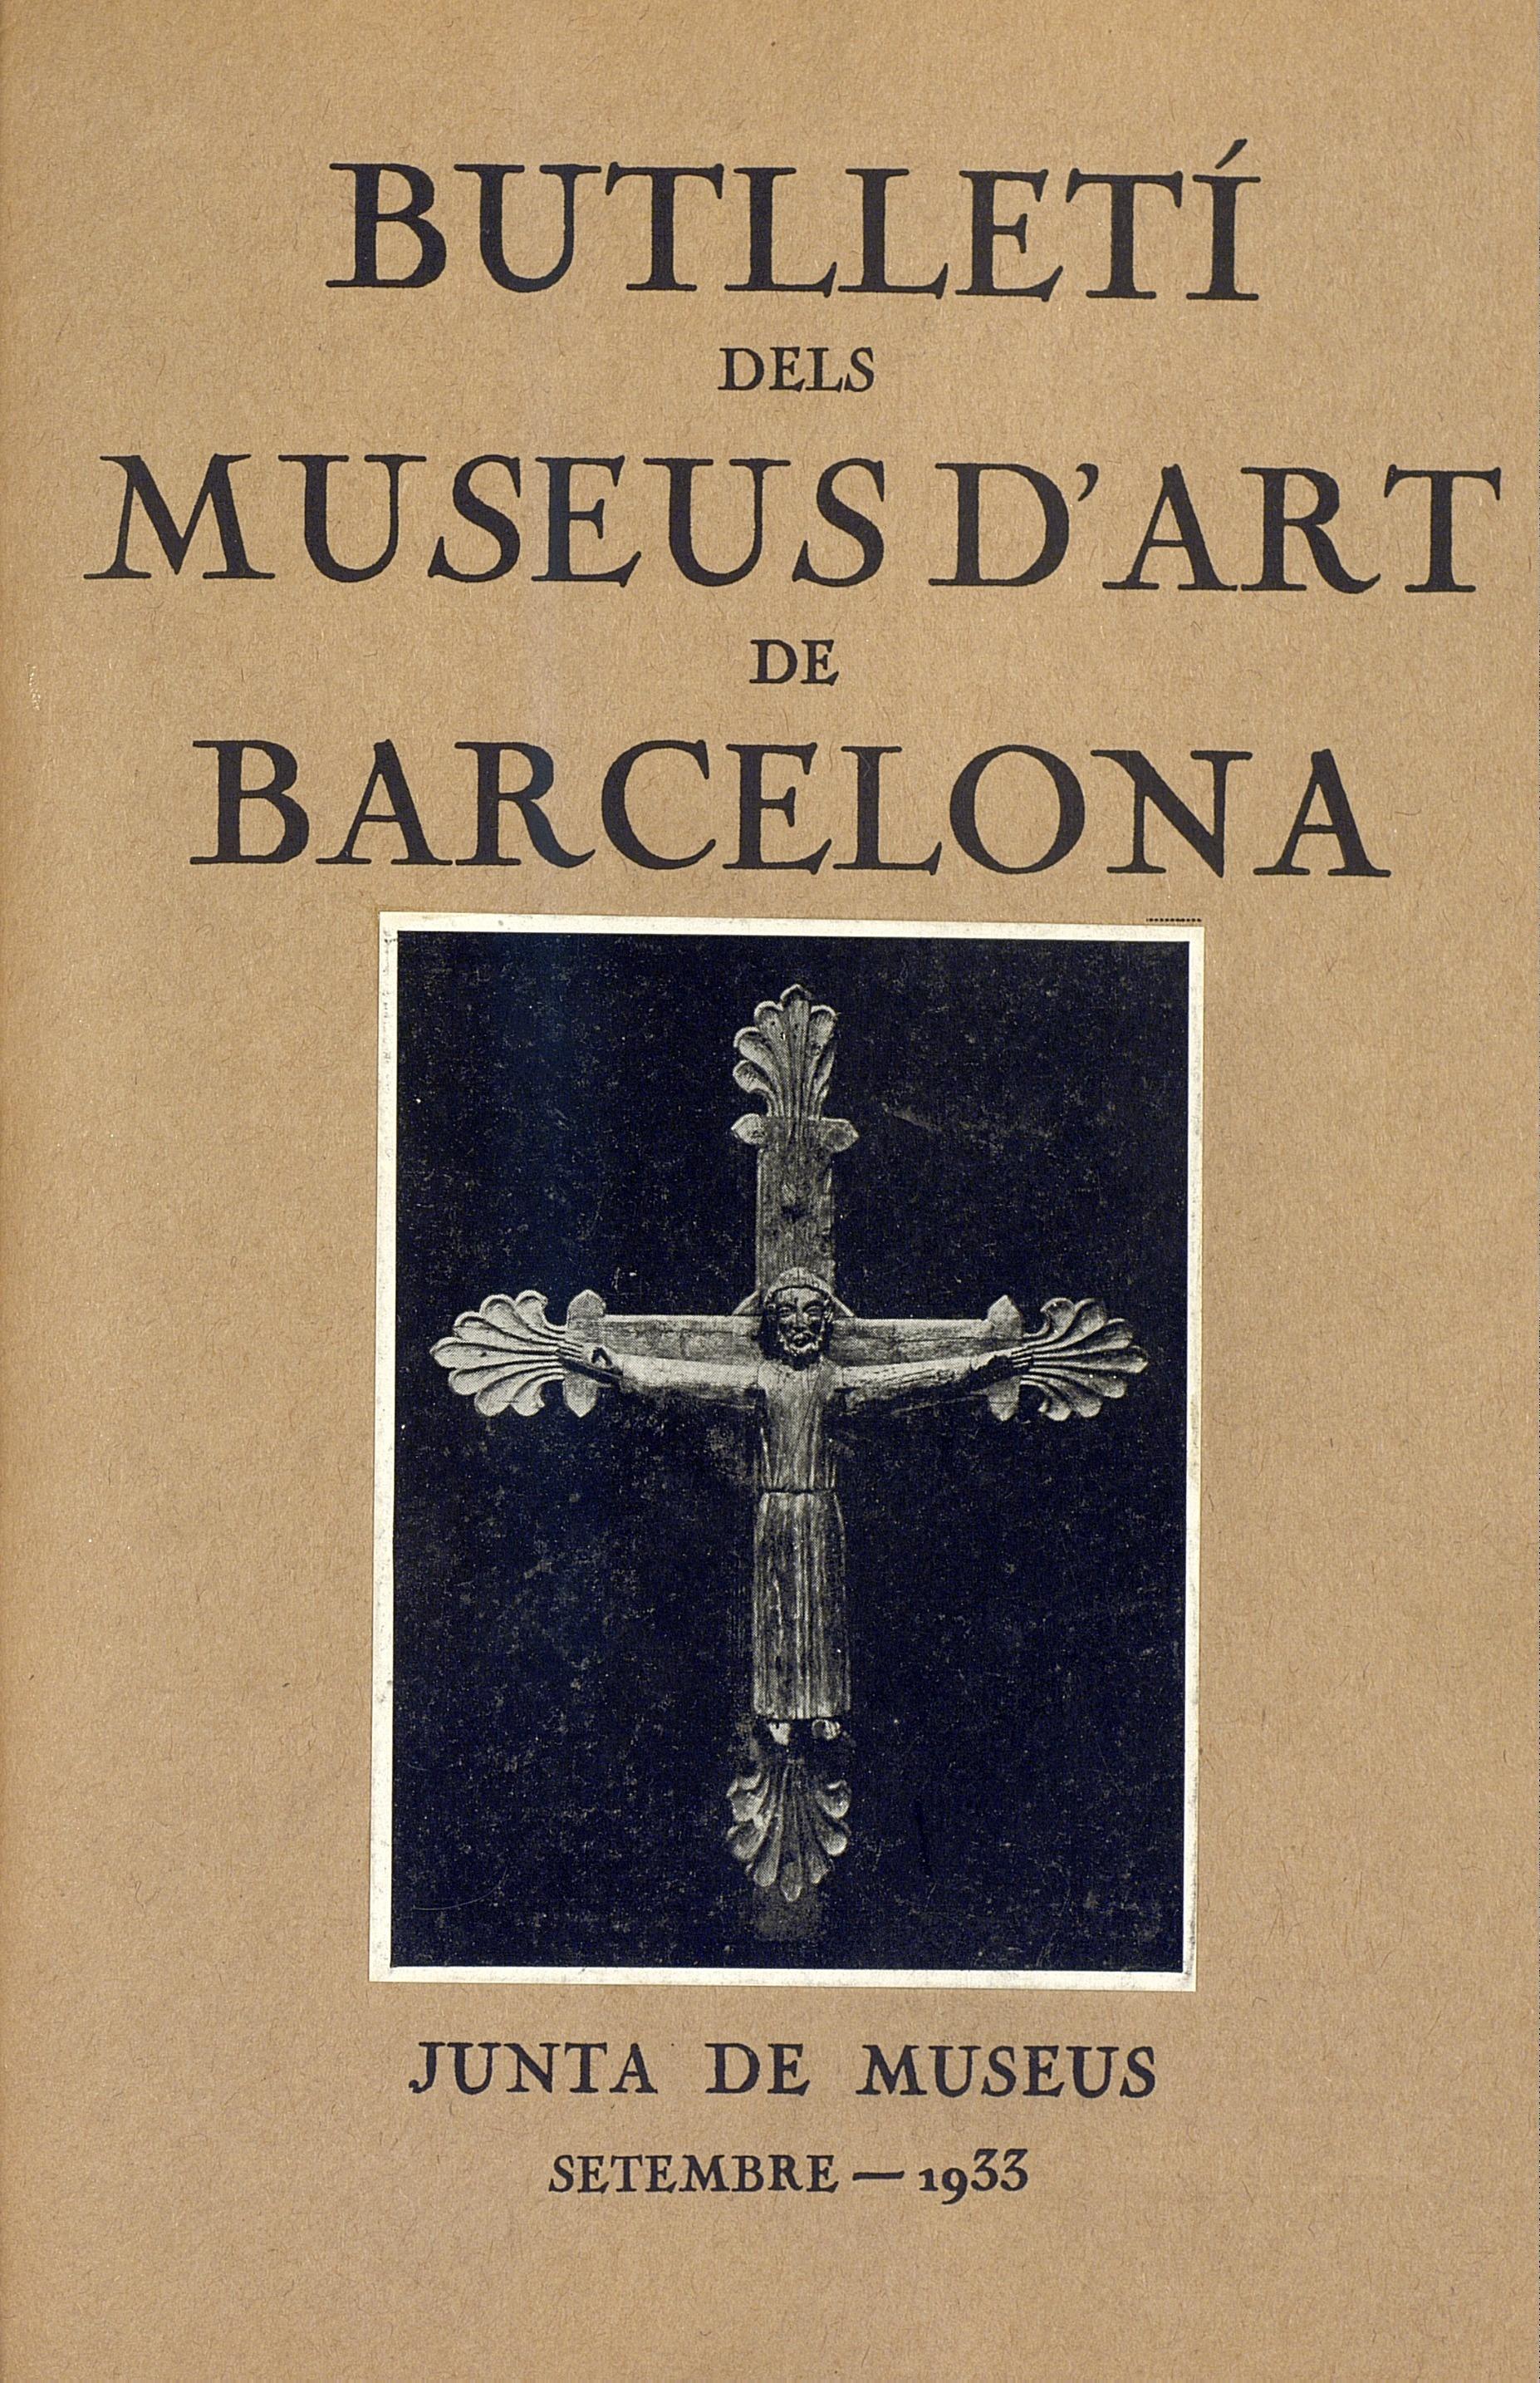 Vol. 3, núm. 28 (setembre 1933)